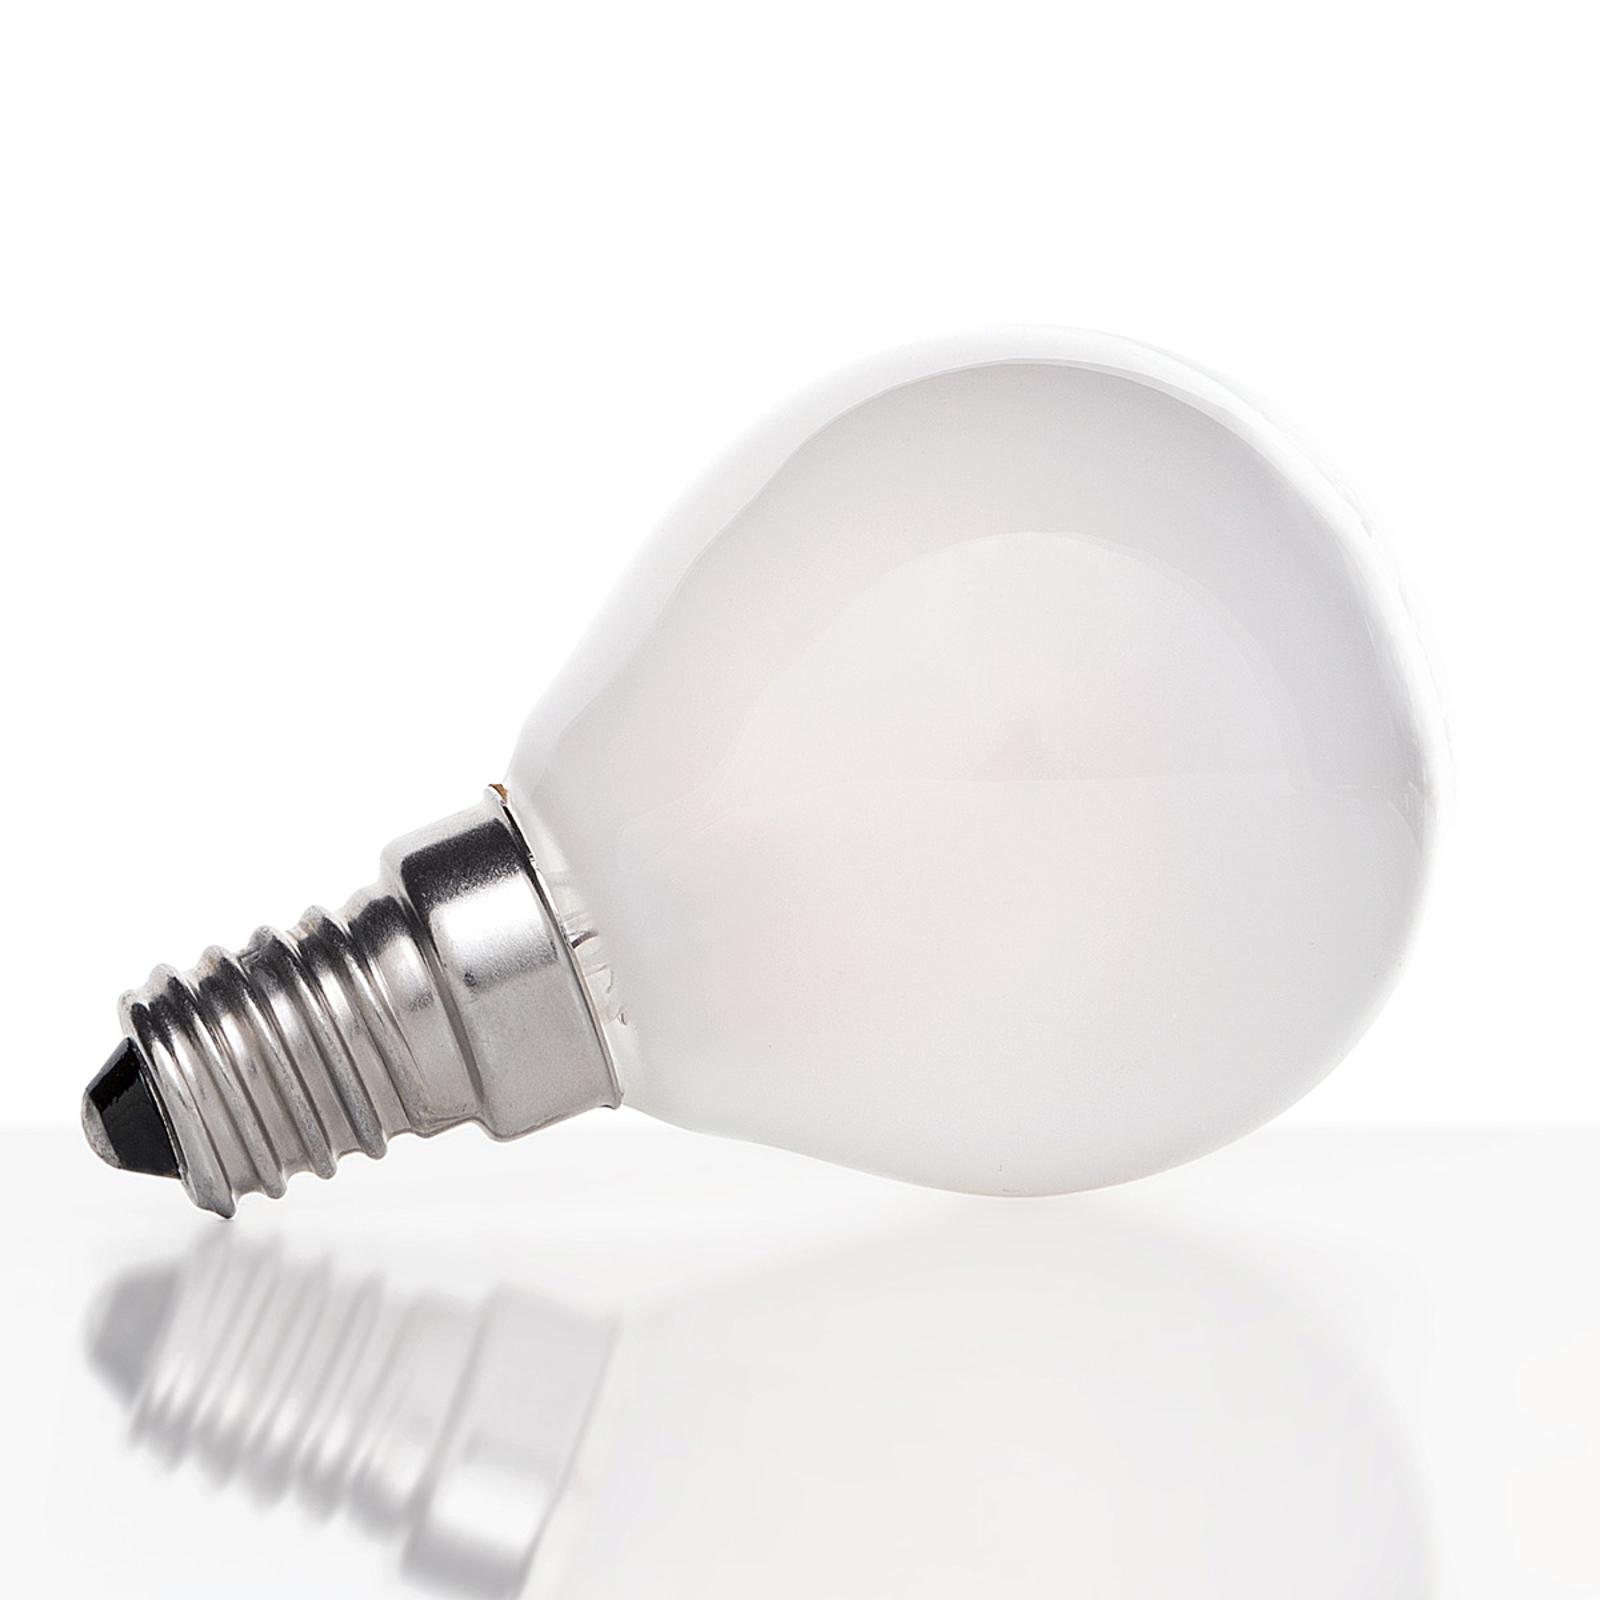 LED-Tropfenlampe E14 4W 827, innen matt